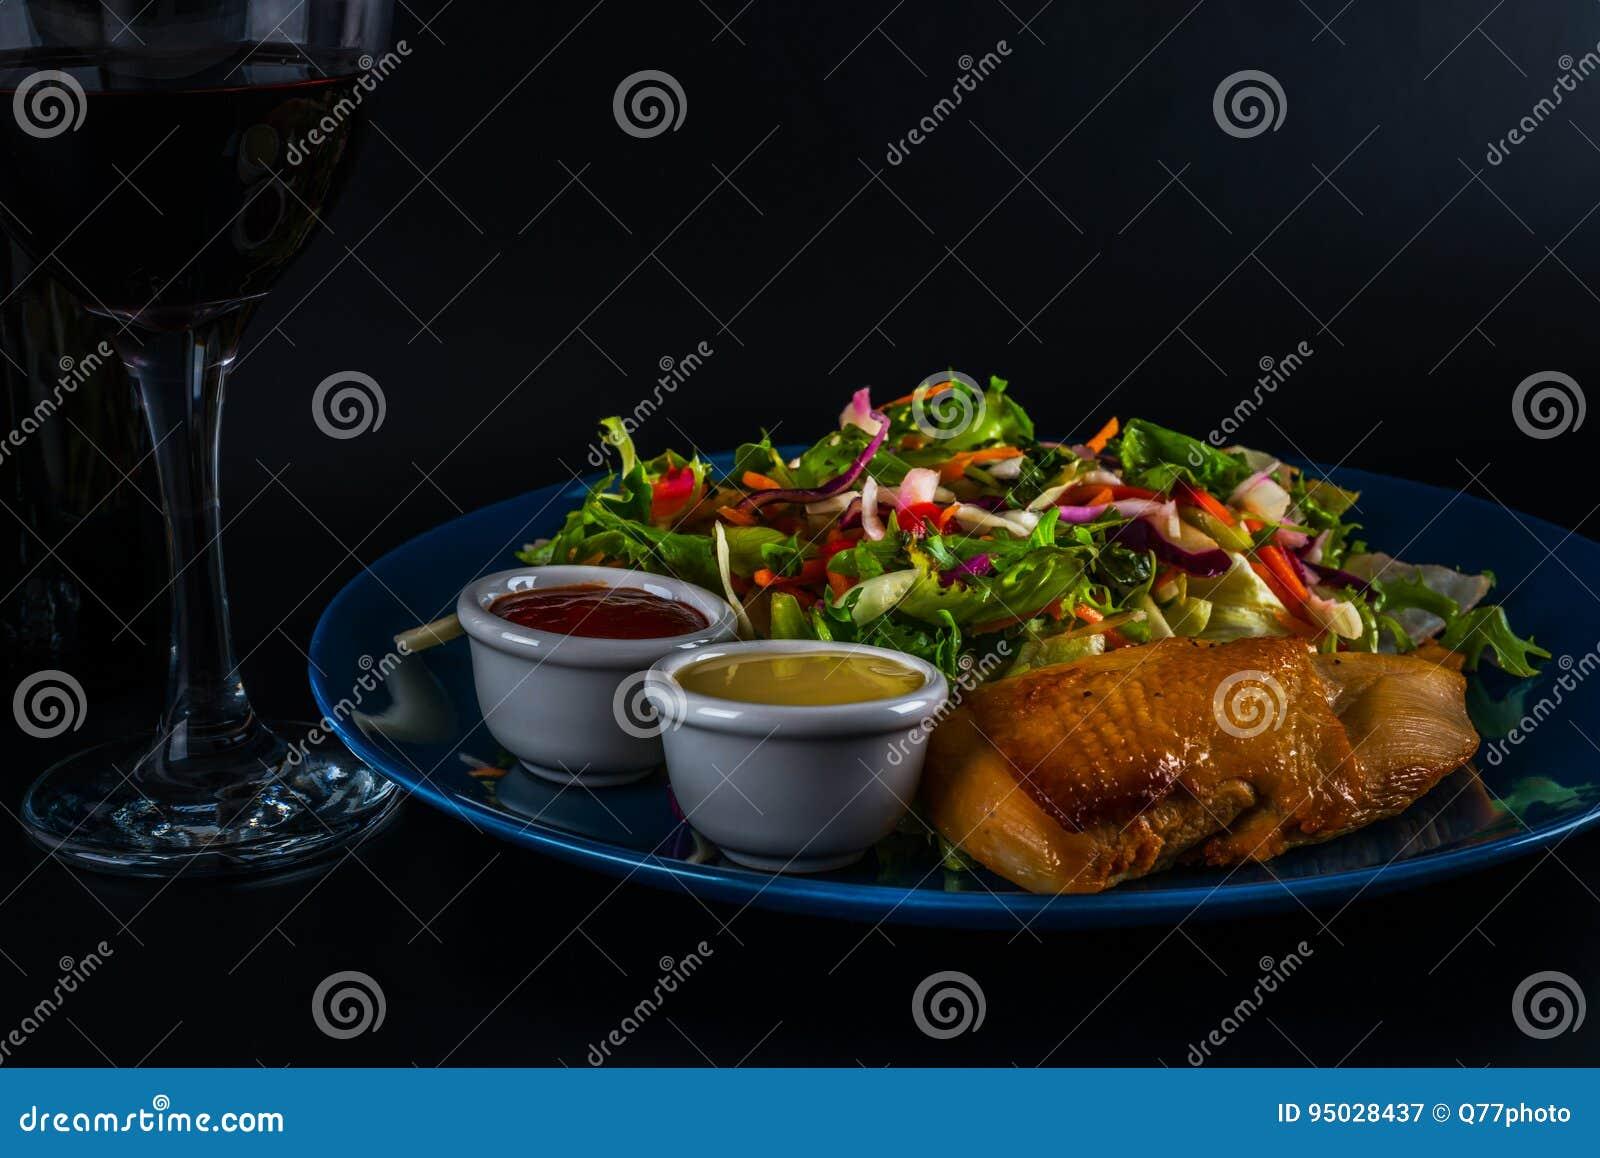 Στήθος κοτόπουλου ψητού με μίγμα μαρουλιού και δύο σάλτσες, μπλε πιάτο